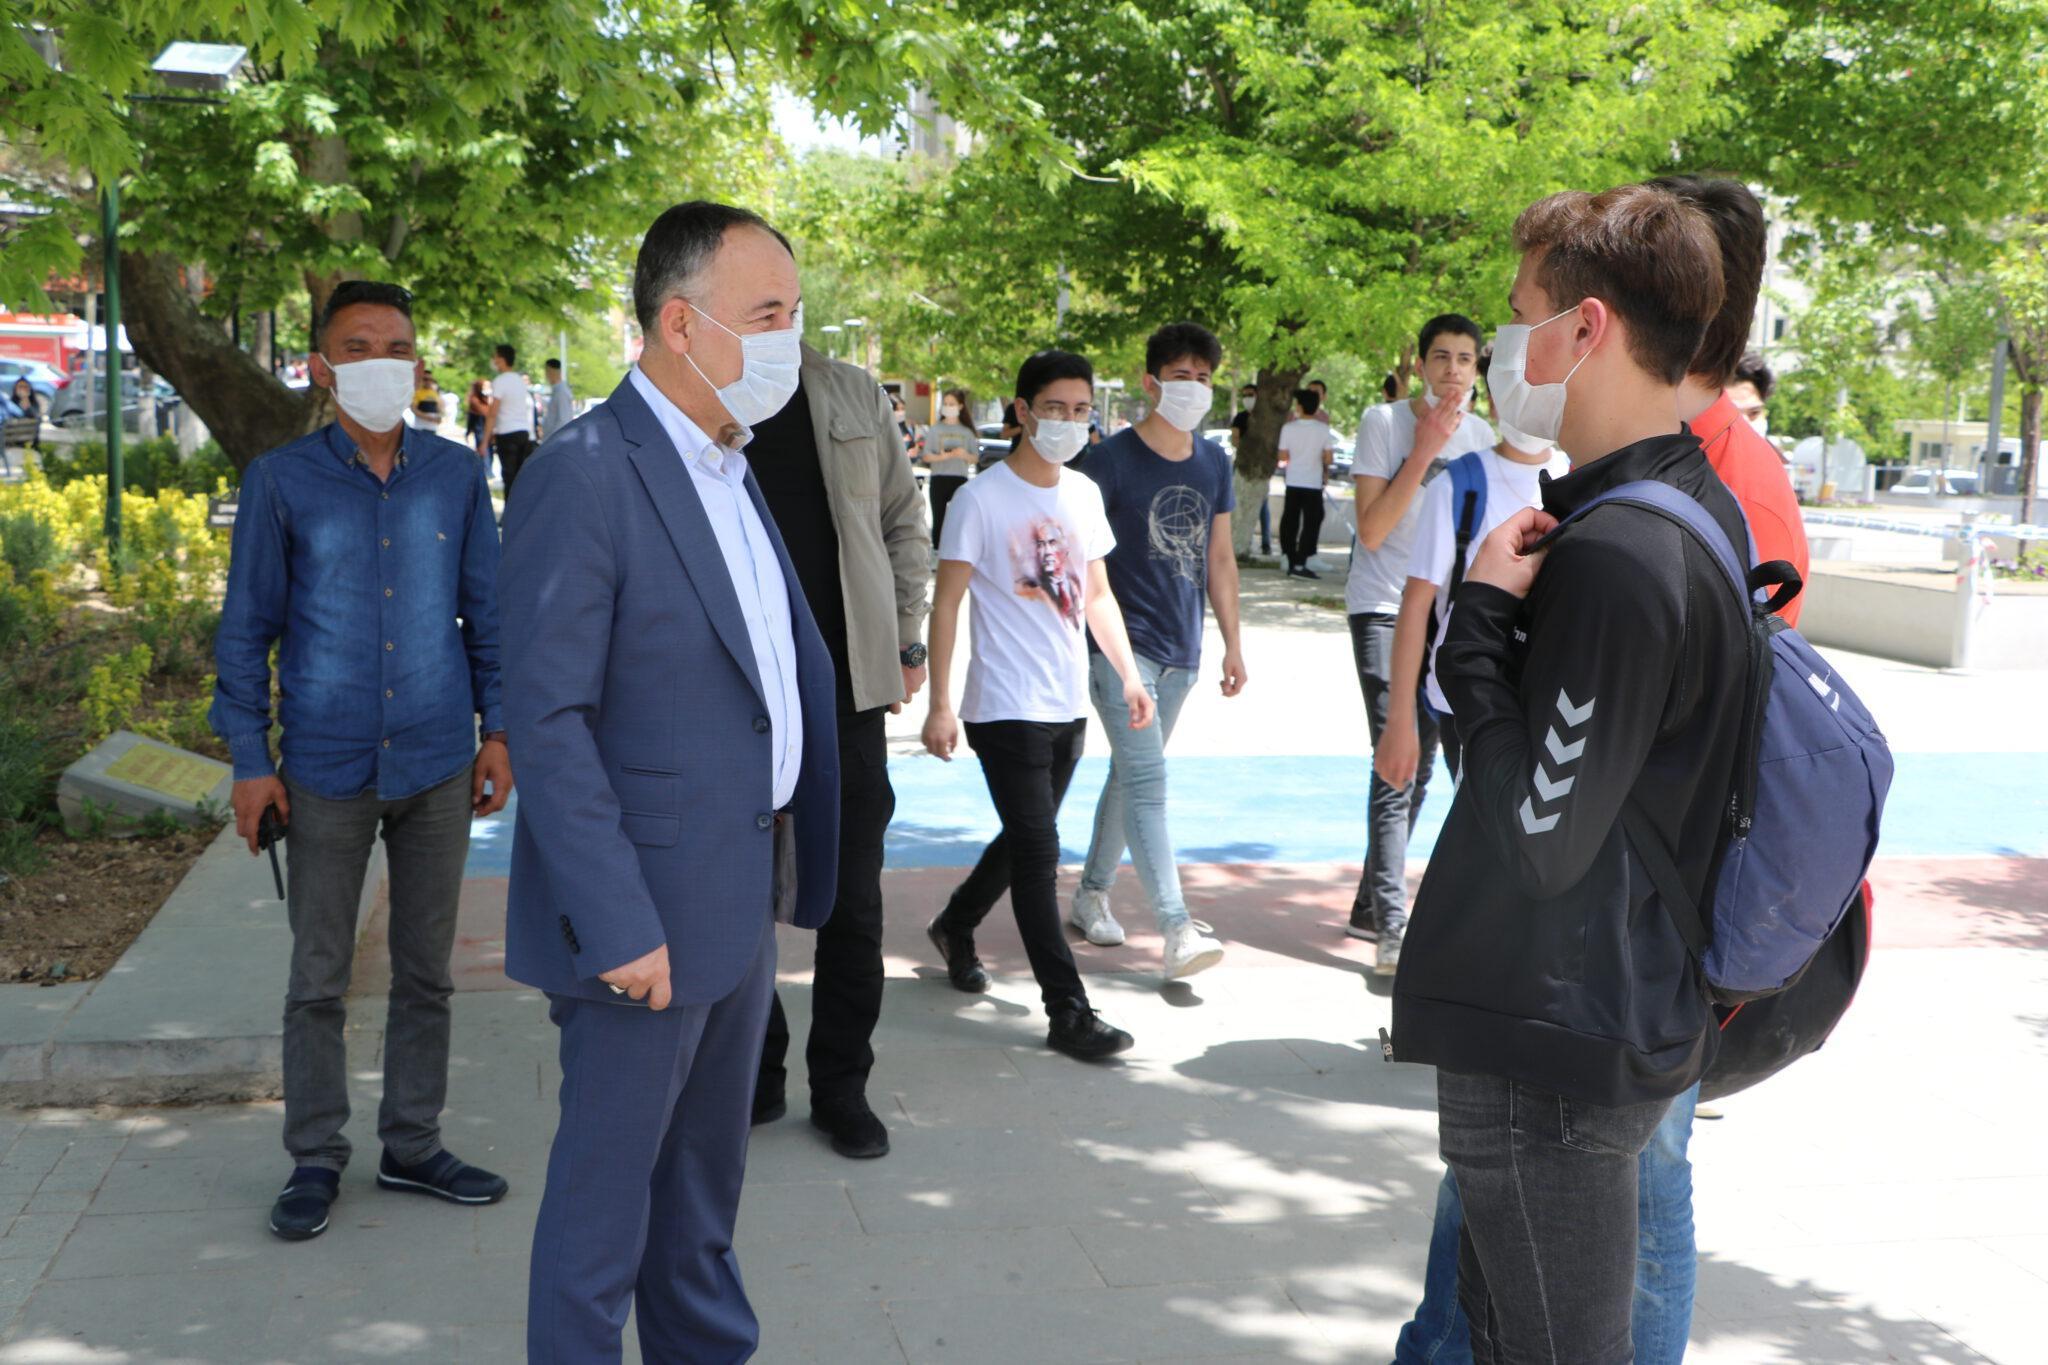 22 scaled - Kırıkkale'de gençler sokağa çıktı